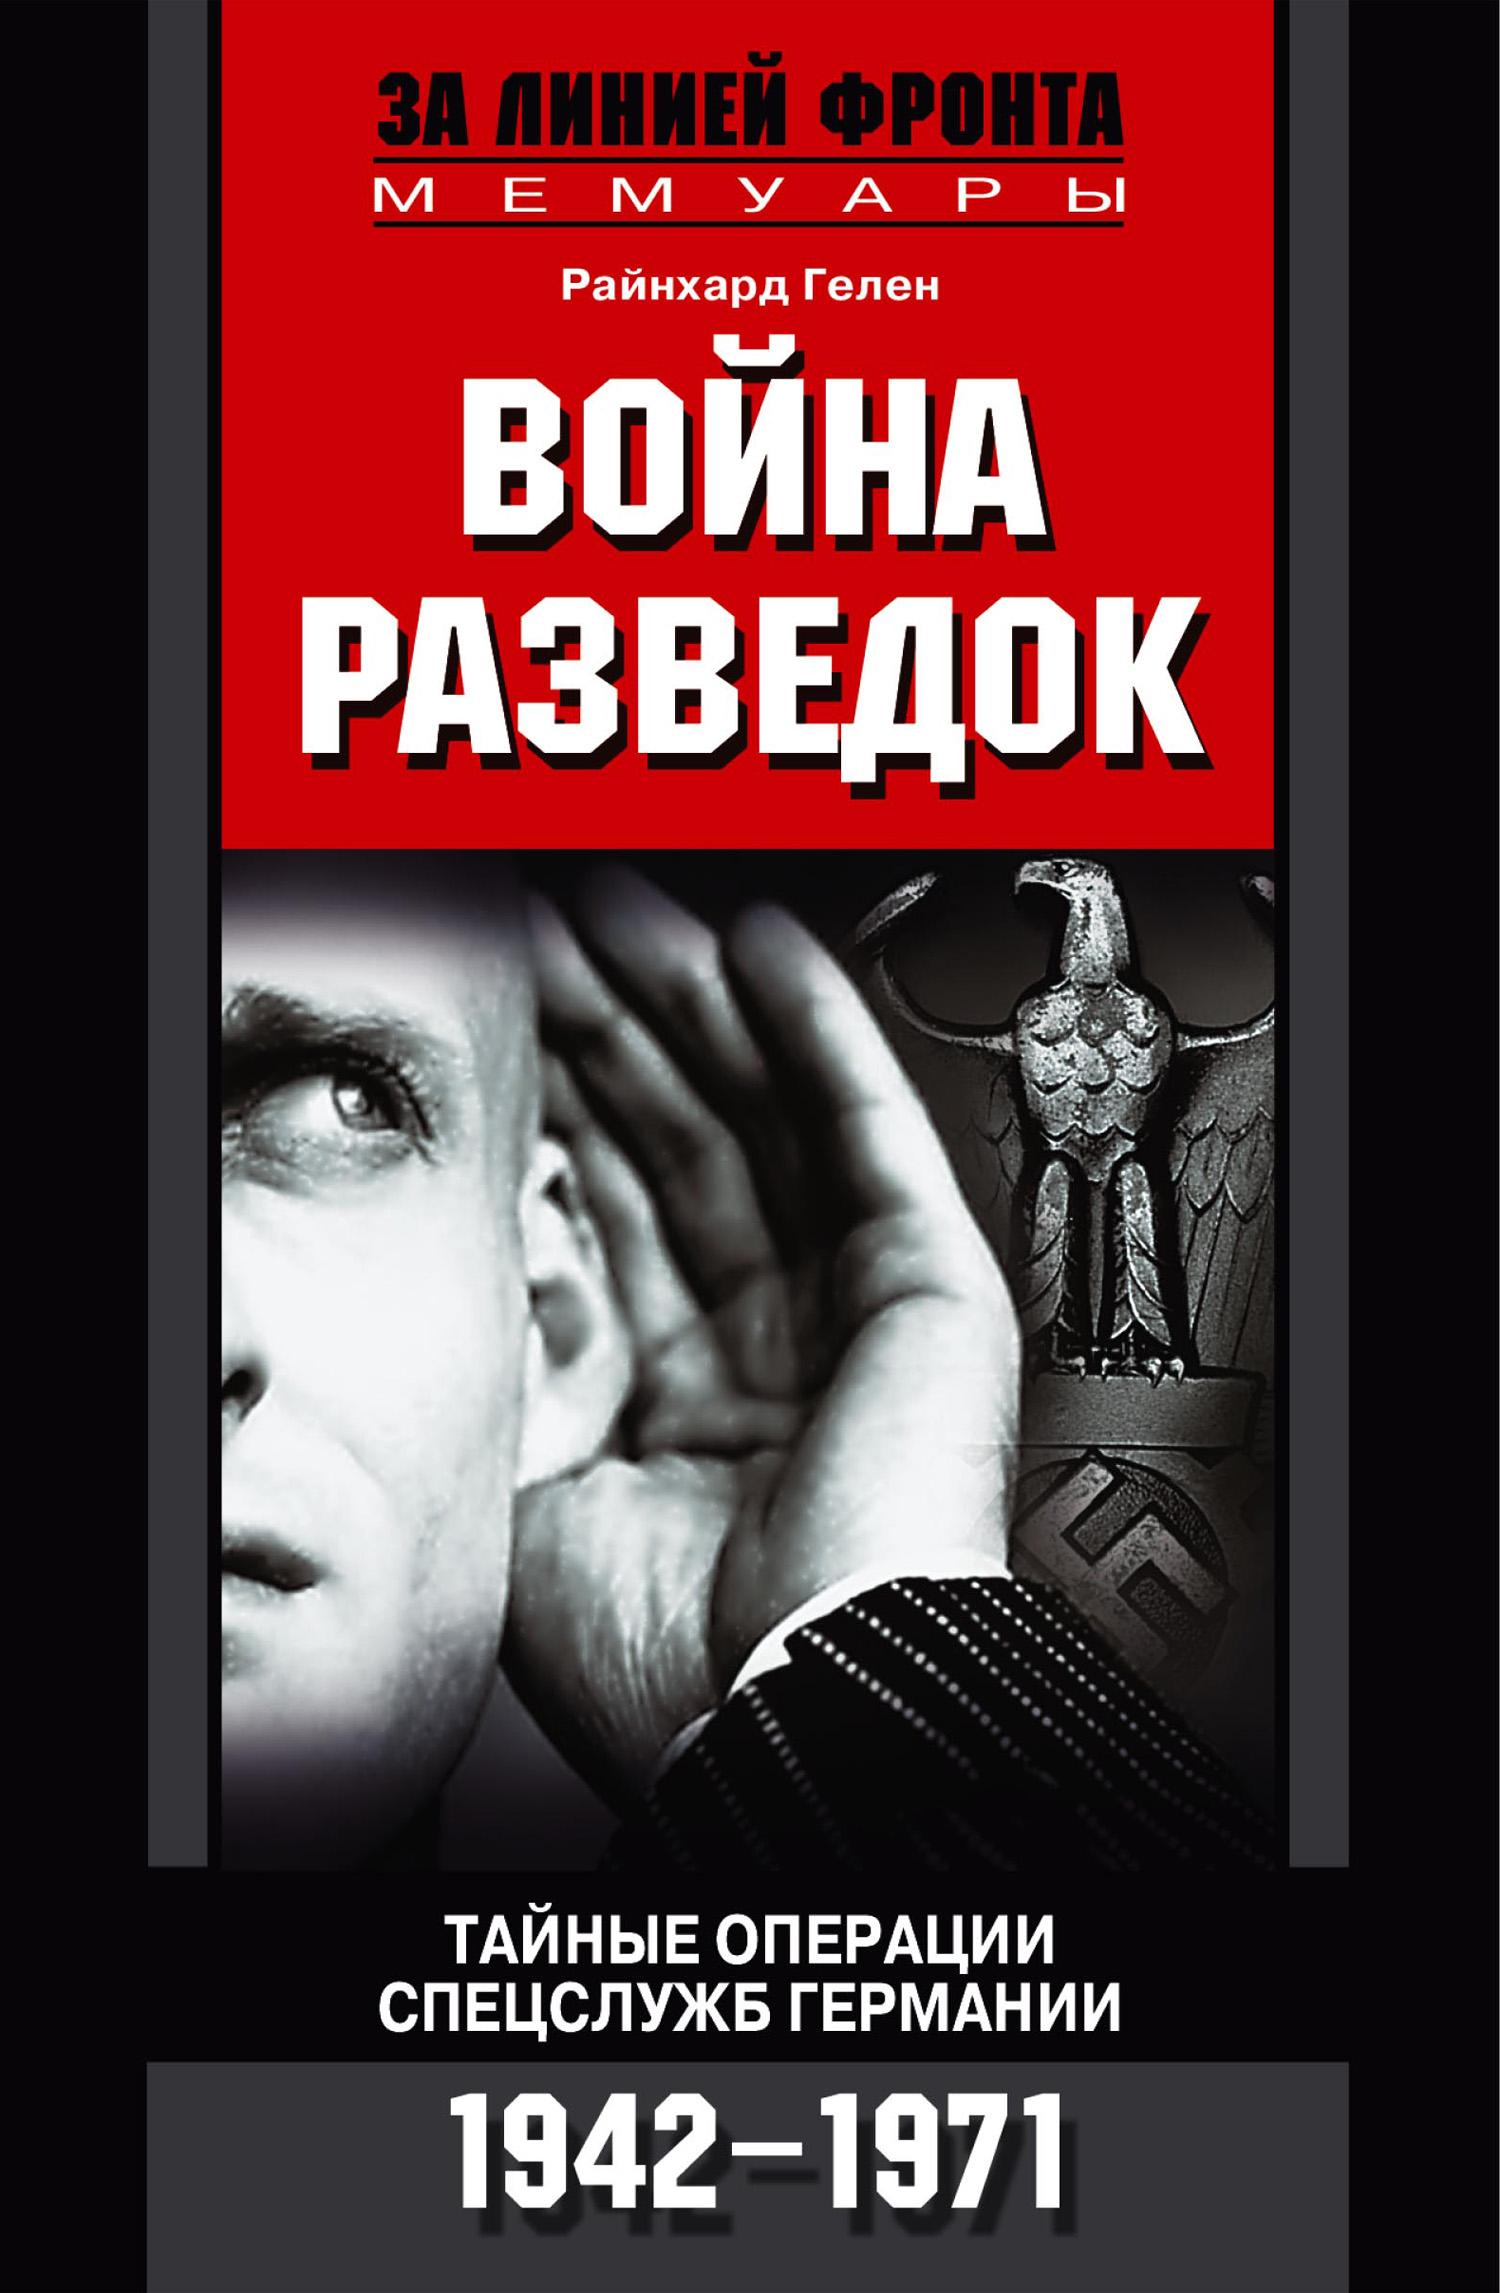 Райнхард Война разведок. Тайные операции спецслужб Германии. 1942-1971